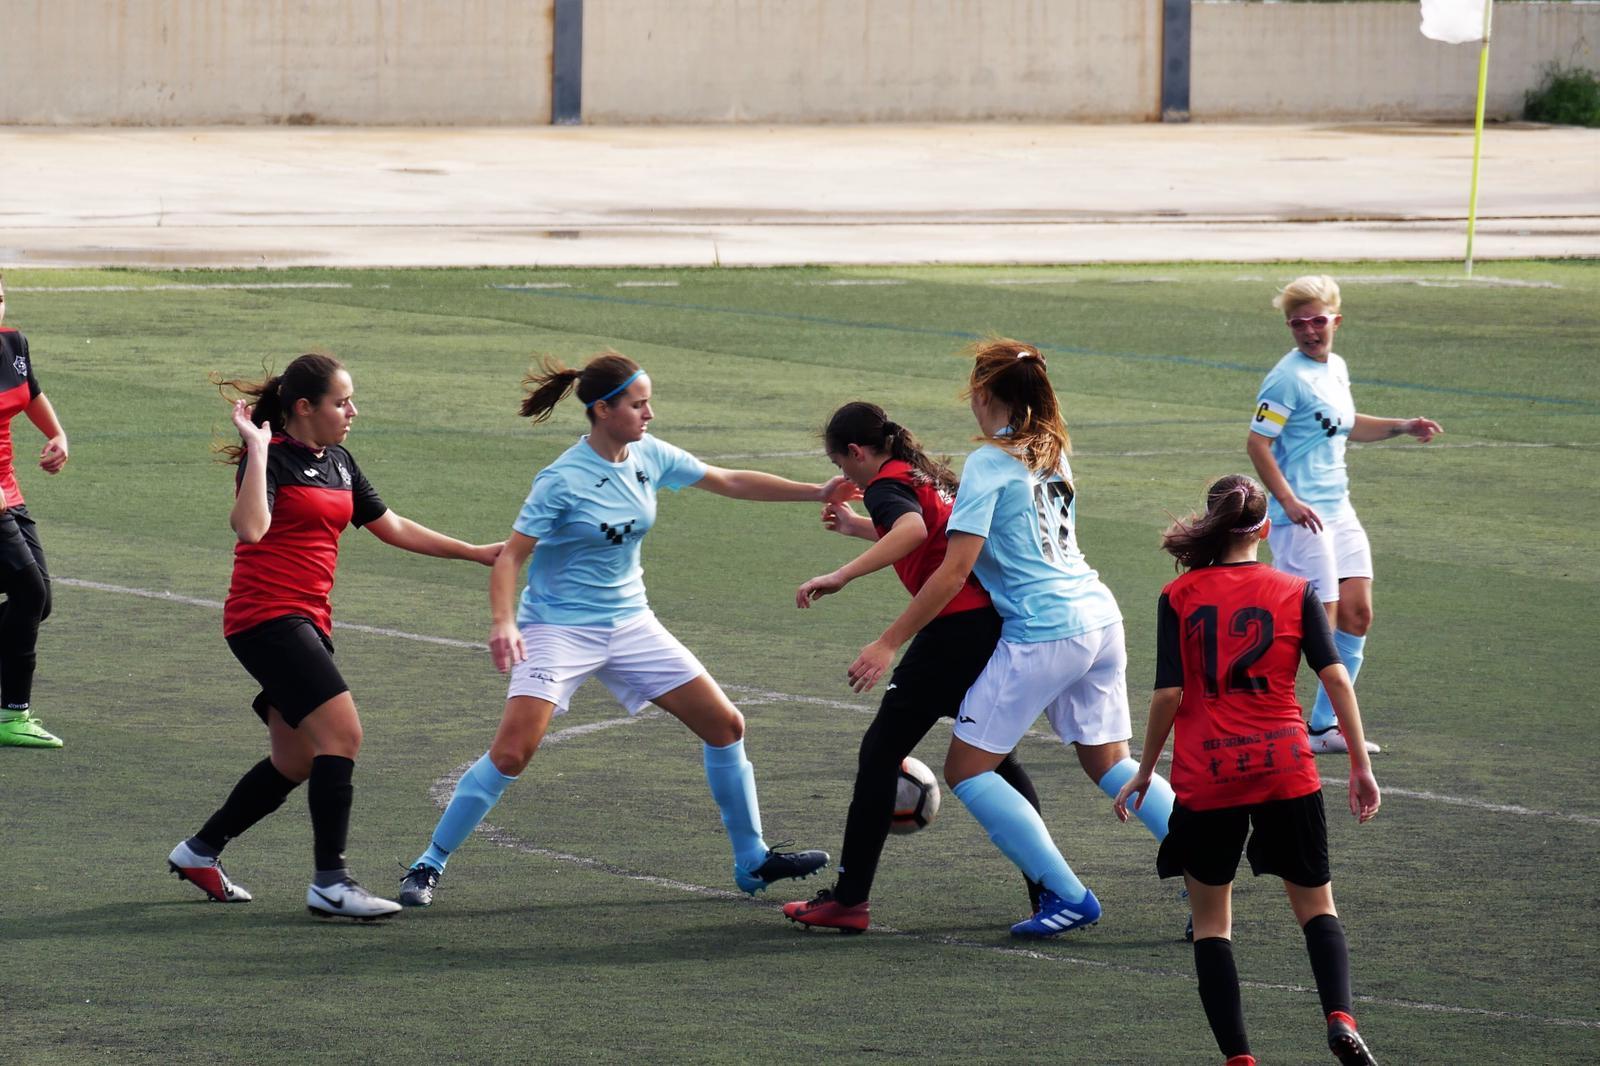 El equipo femenino de fútbol finalizará la temporada de su debut en el tercer puesto